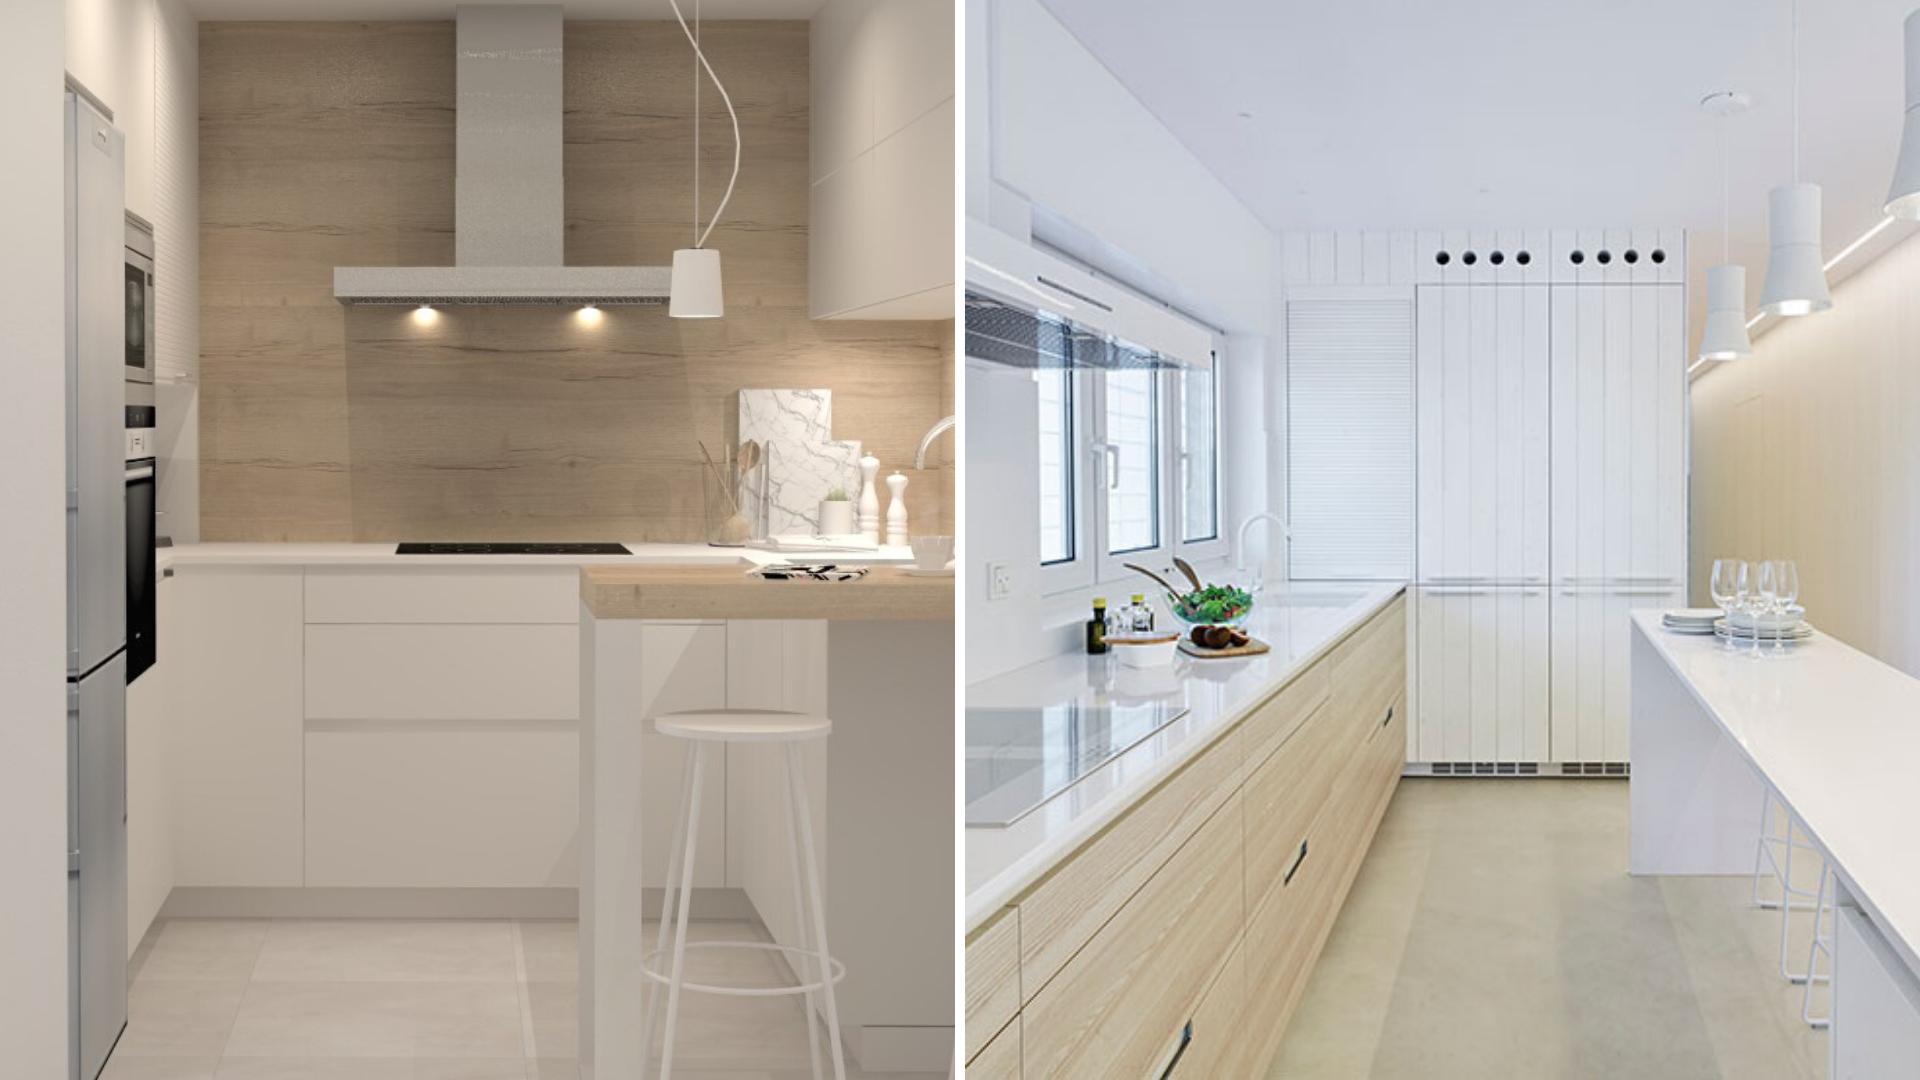 Cocinas funcionales con muebles con cajones Santos